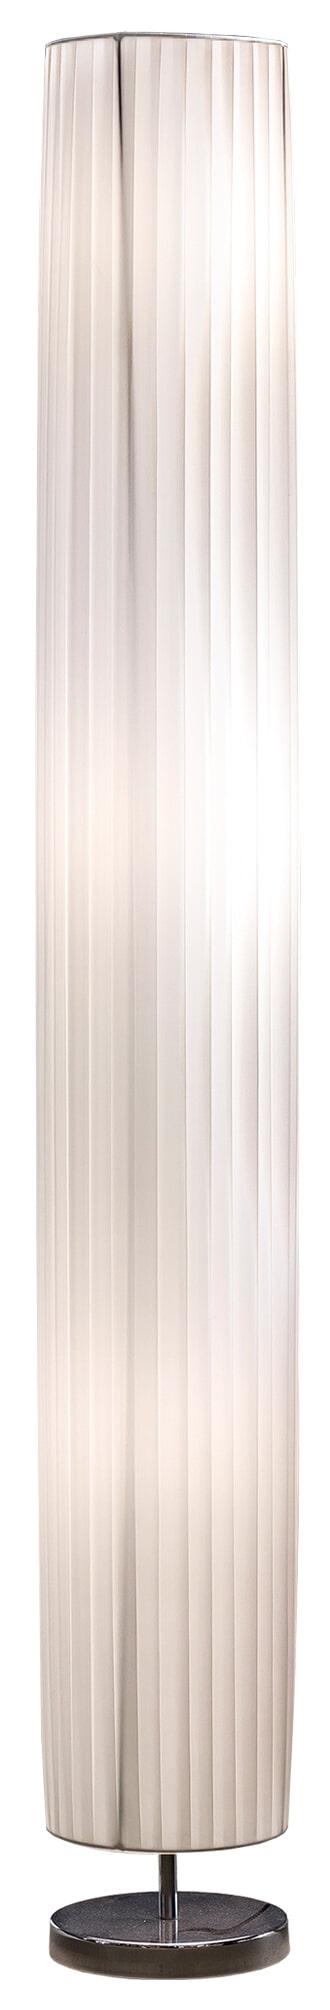 Artistiq Vloerlamp 'Dani' 160cm hoog